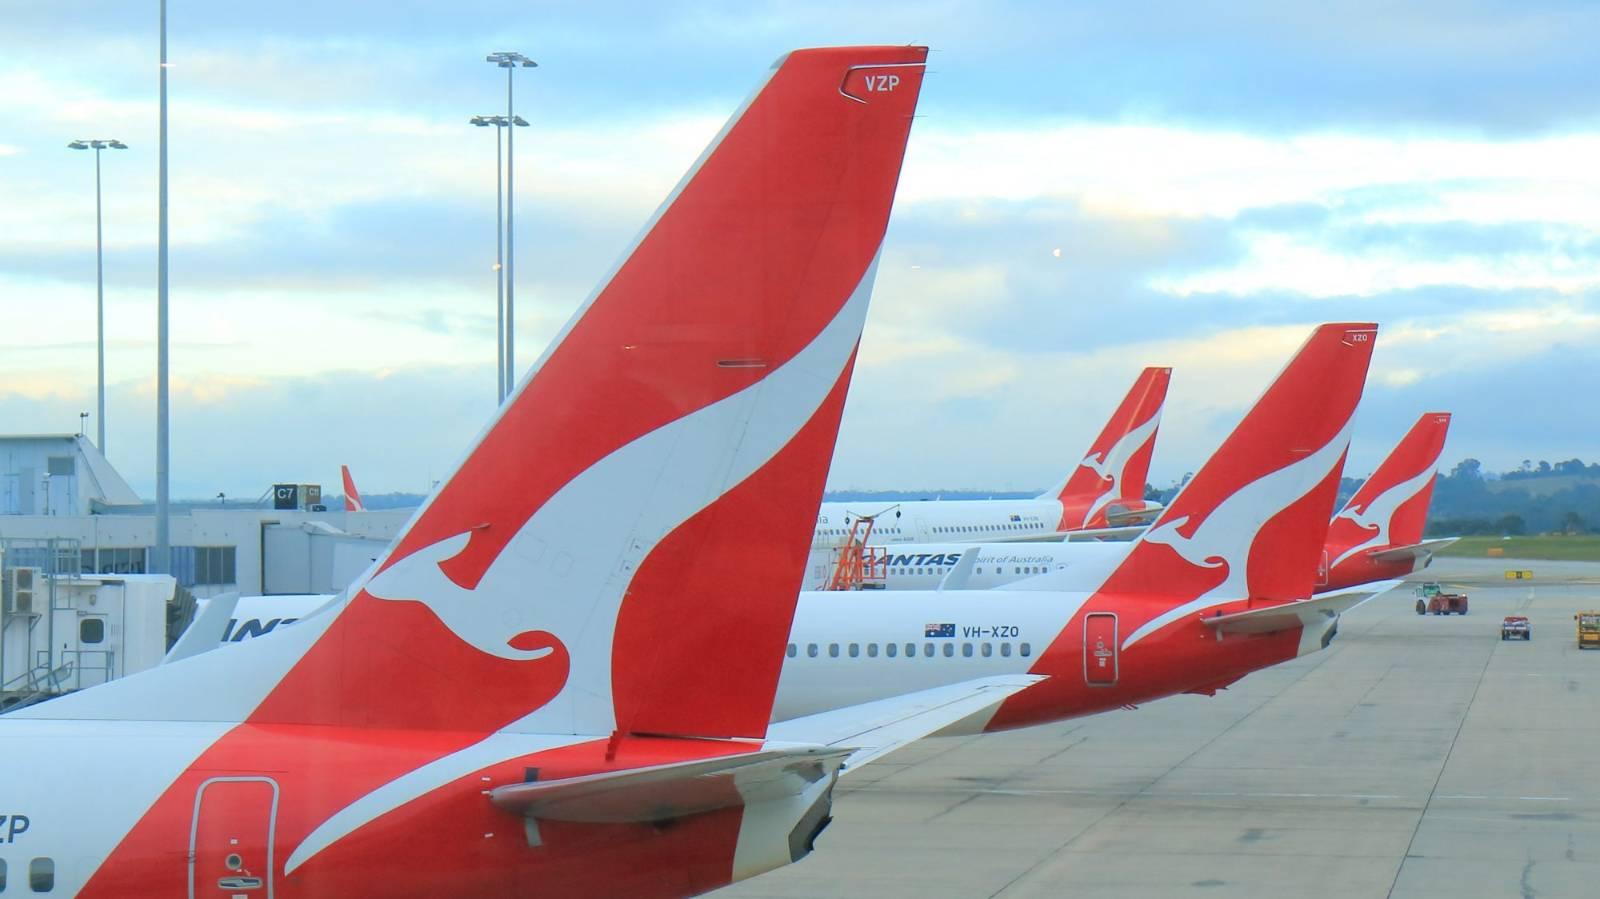 Qantas posts $1.16b half-year loss due to pandemic